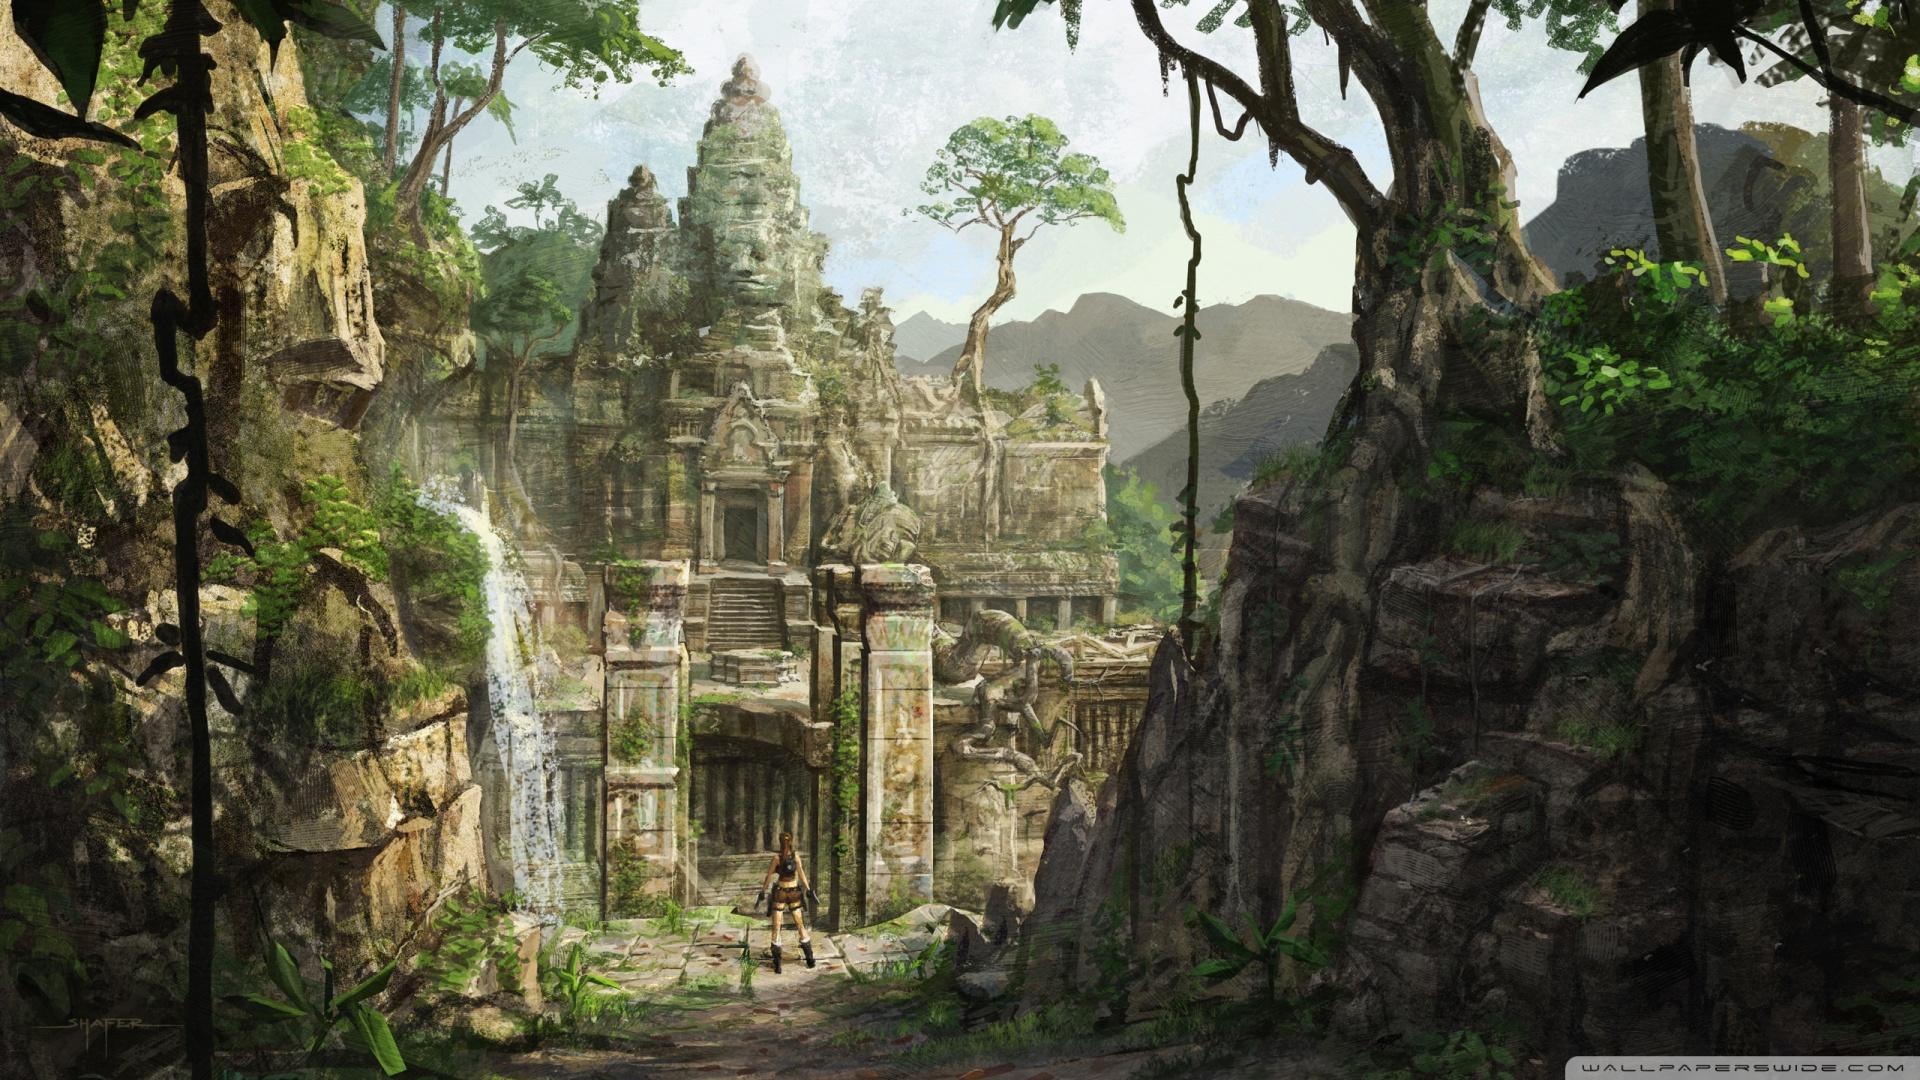 Tomb Raider Underworld Art Wallpaper 1920x1080 Tomb Raider 1920x1080